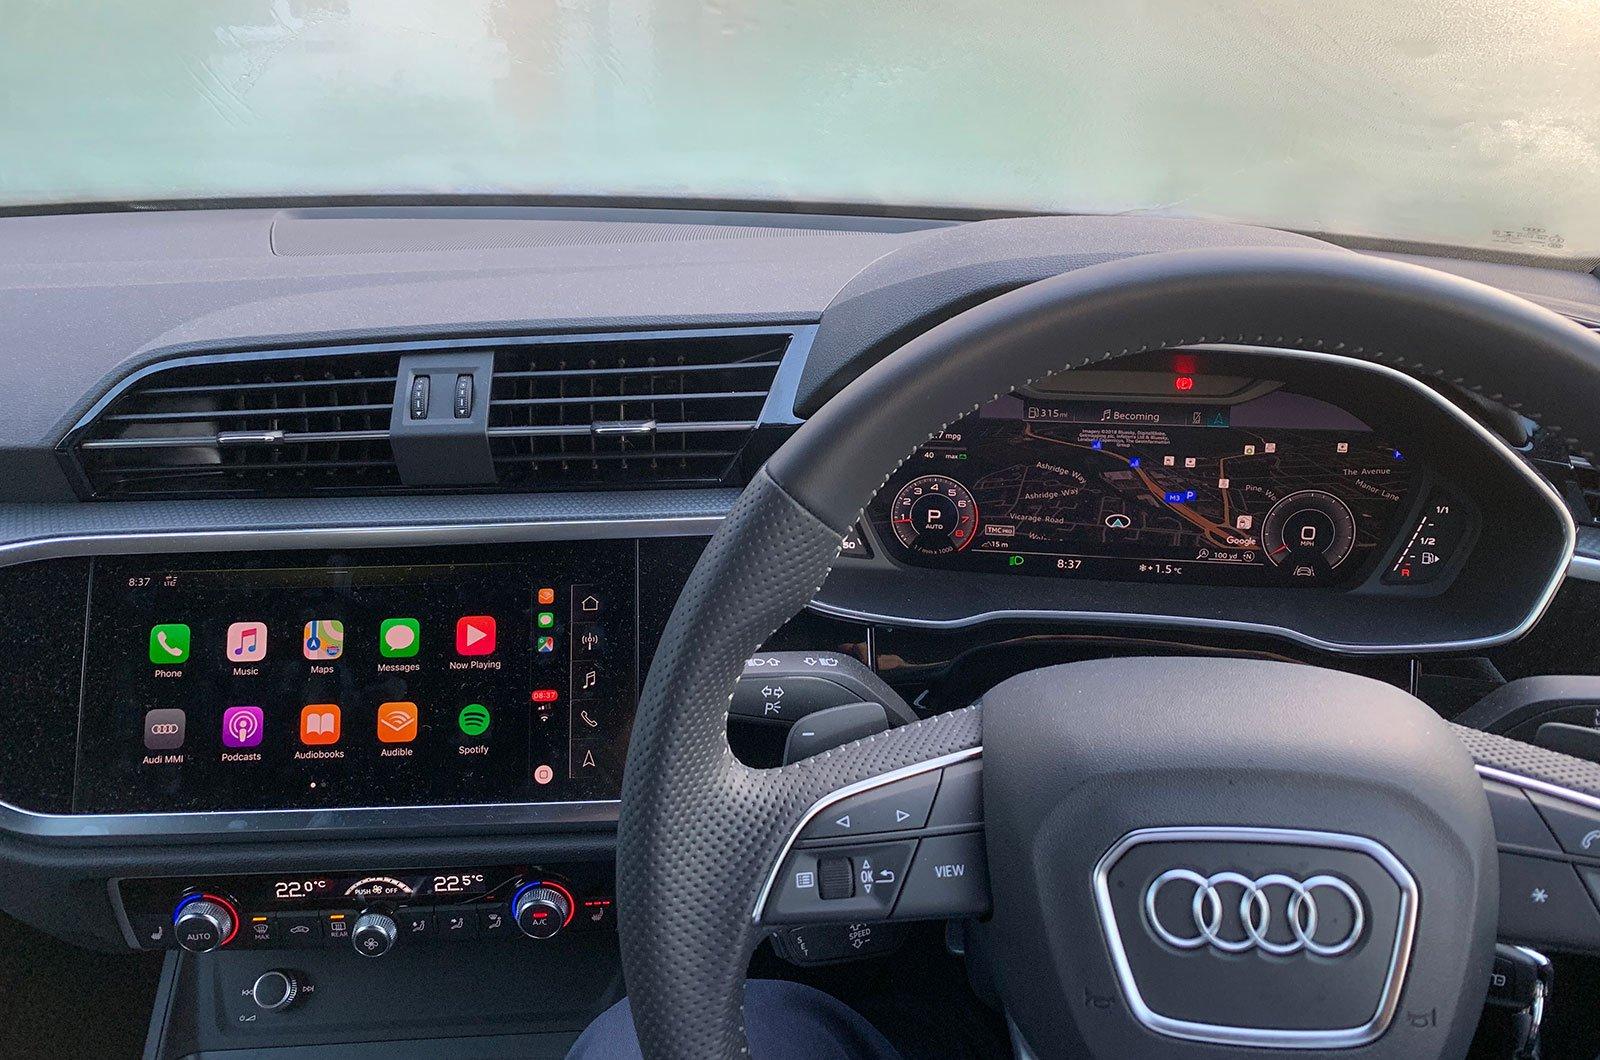 Audi Q3 interior